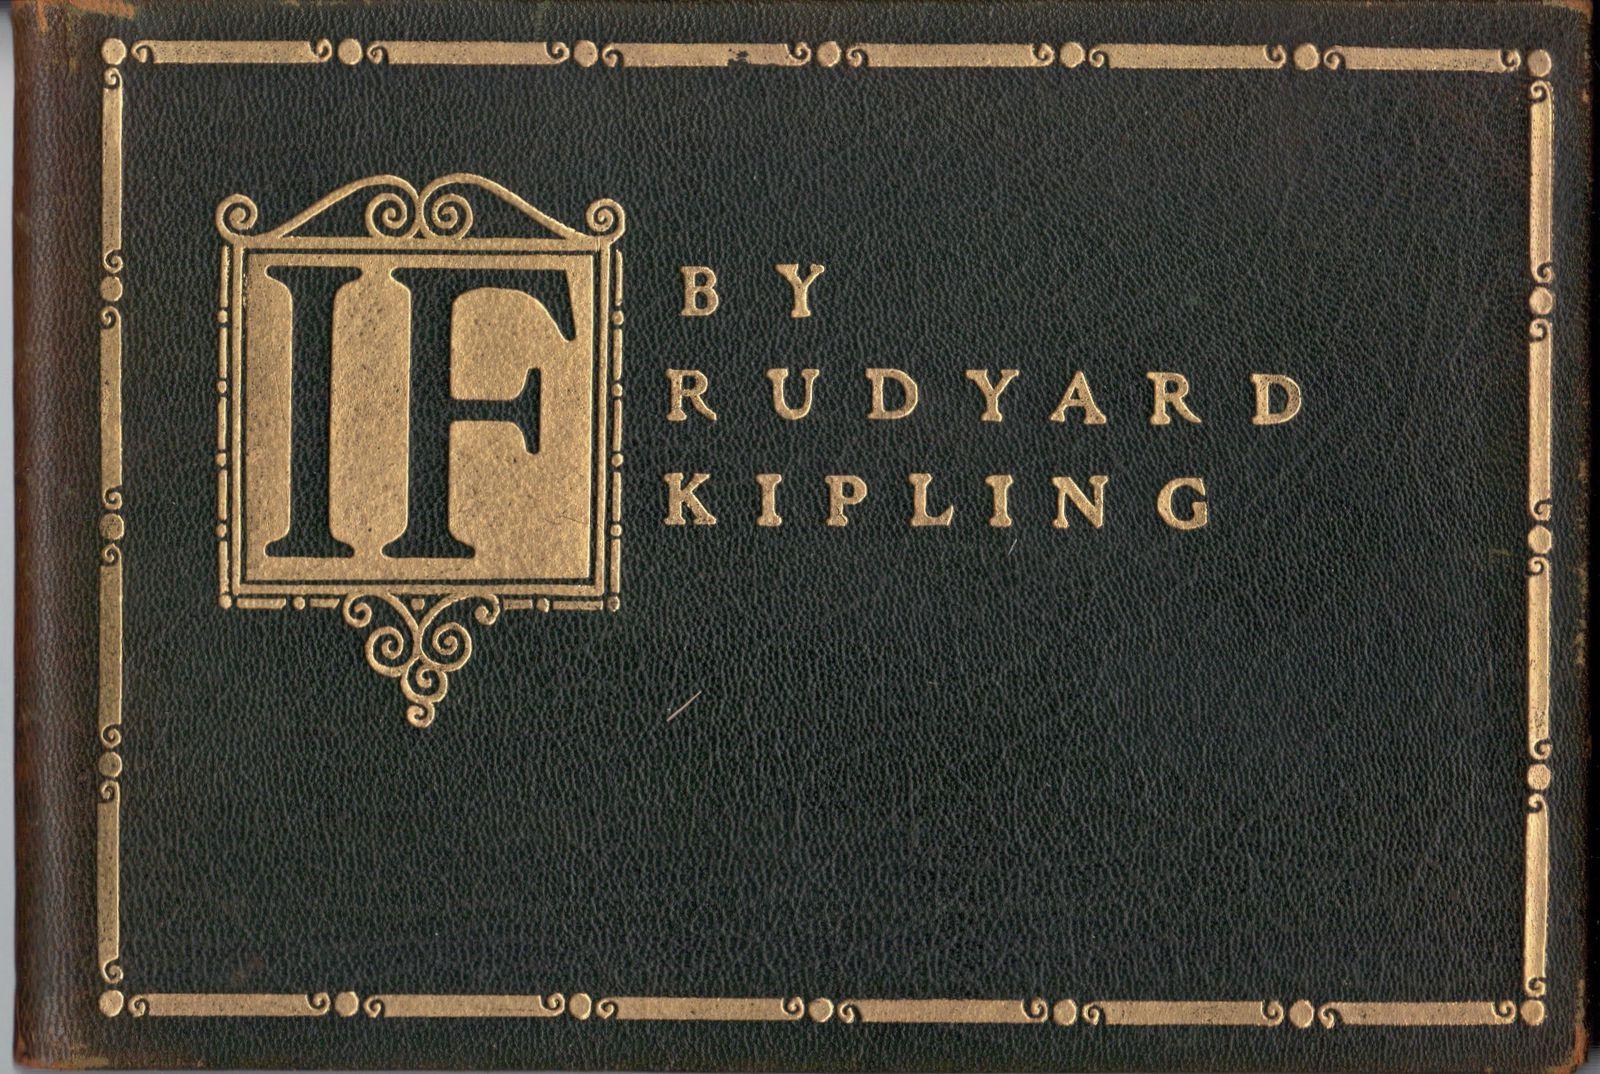 If... by Rudyard Kipling